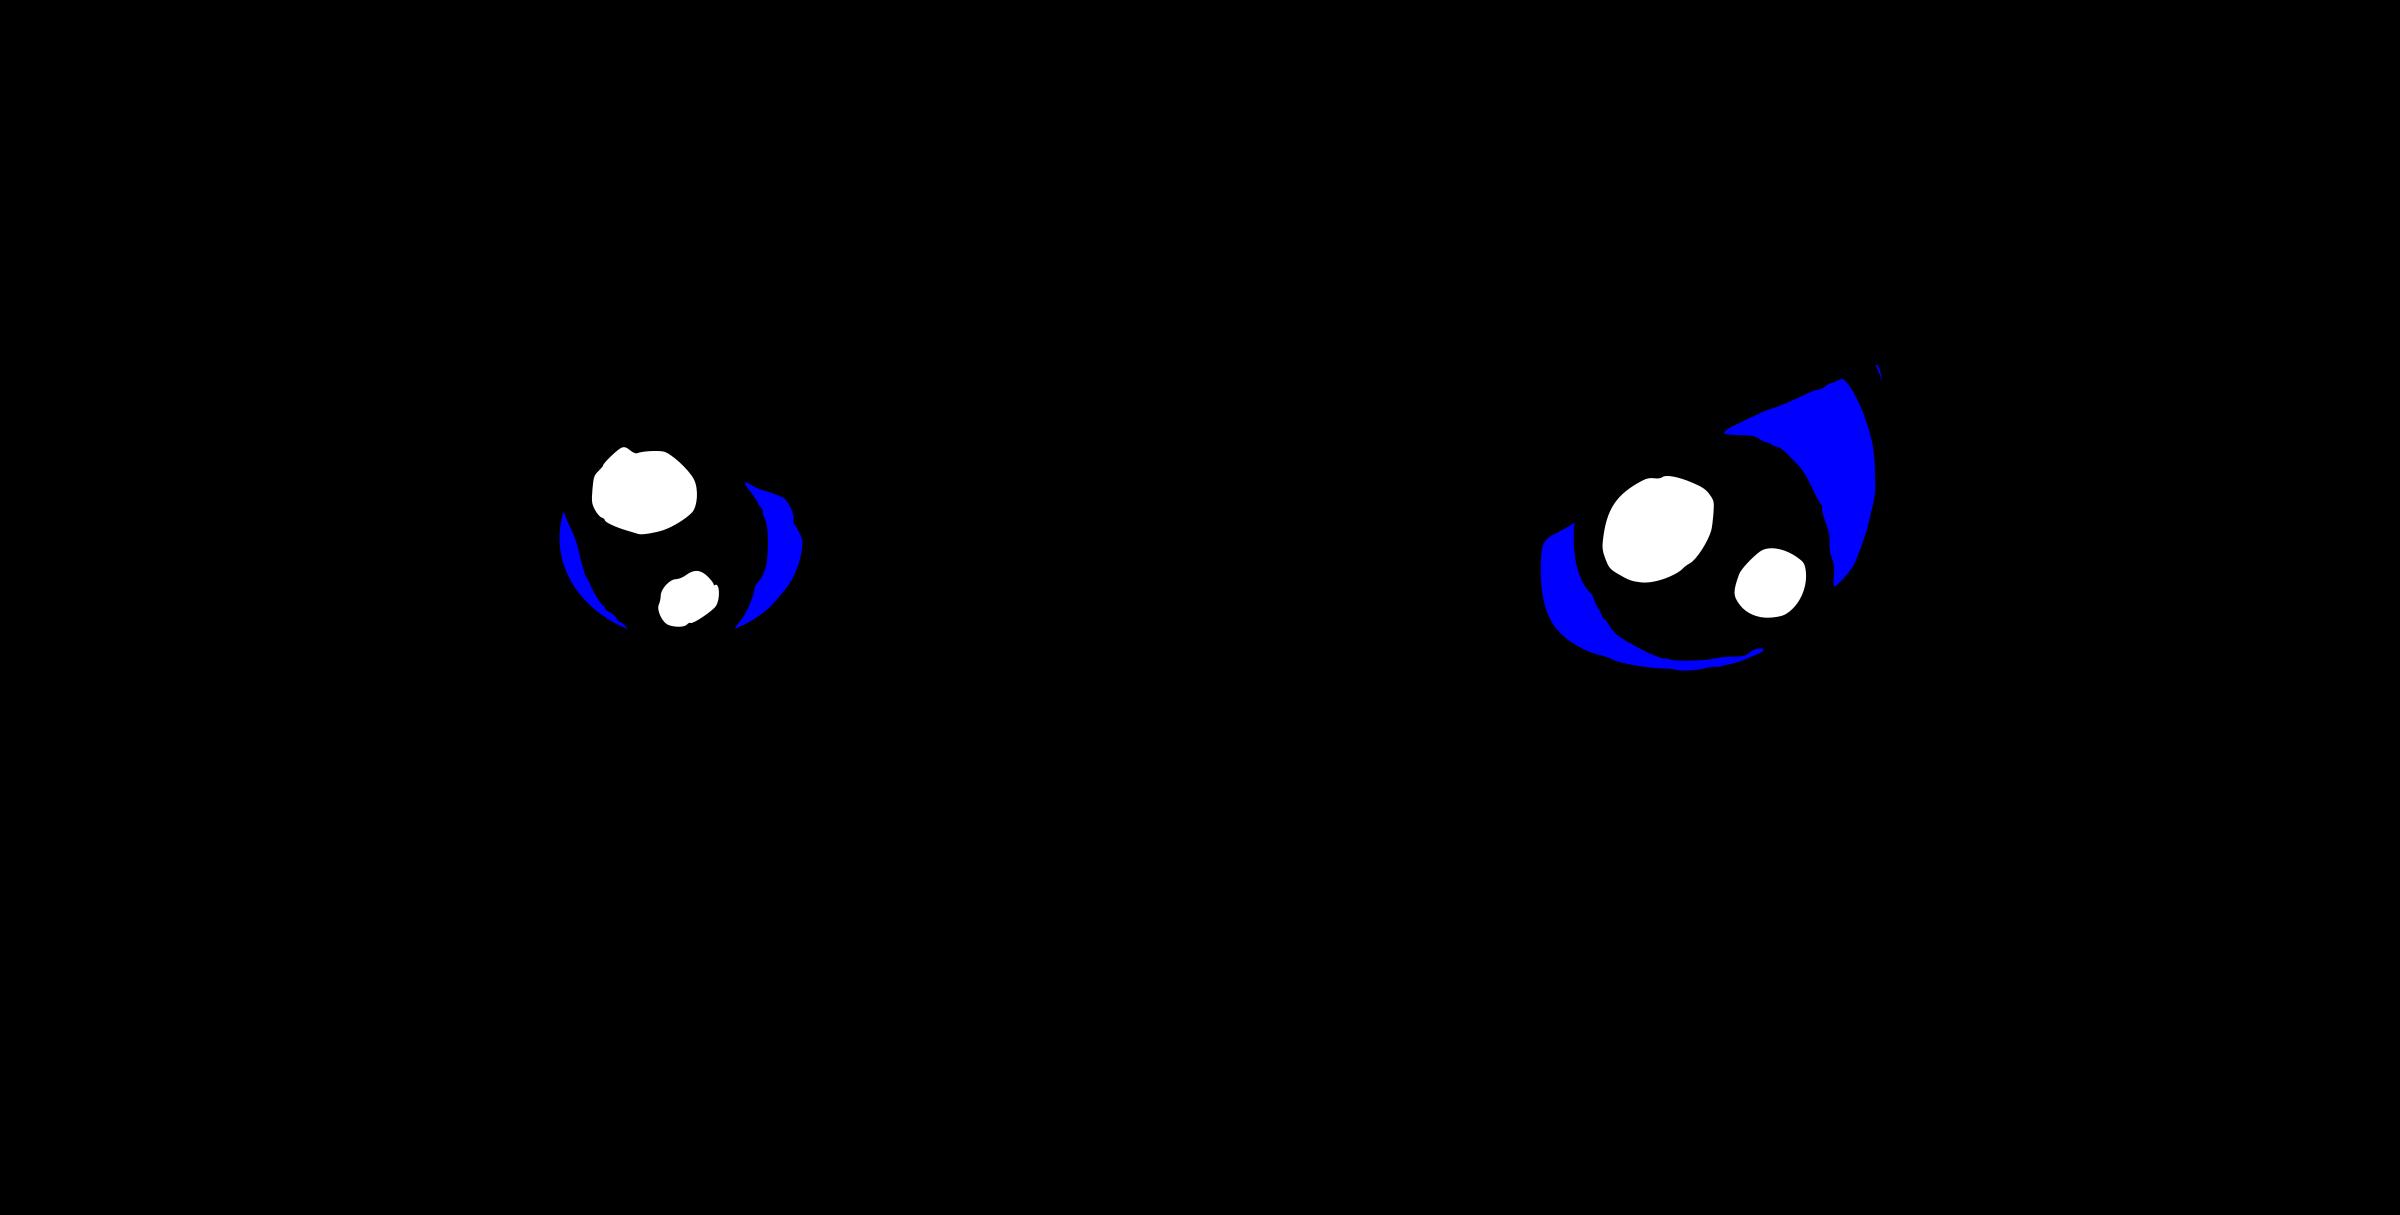 Eyeball clipart eye surgery. Resultado de imagen para